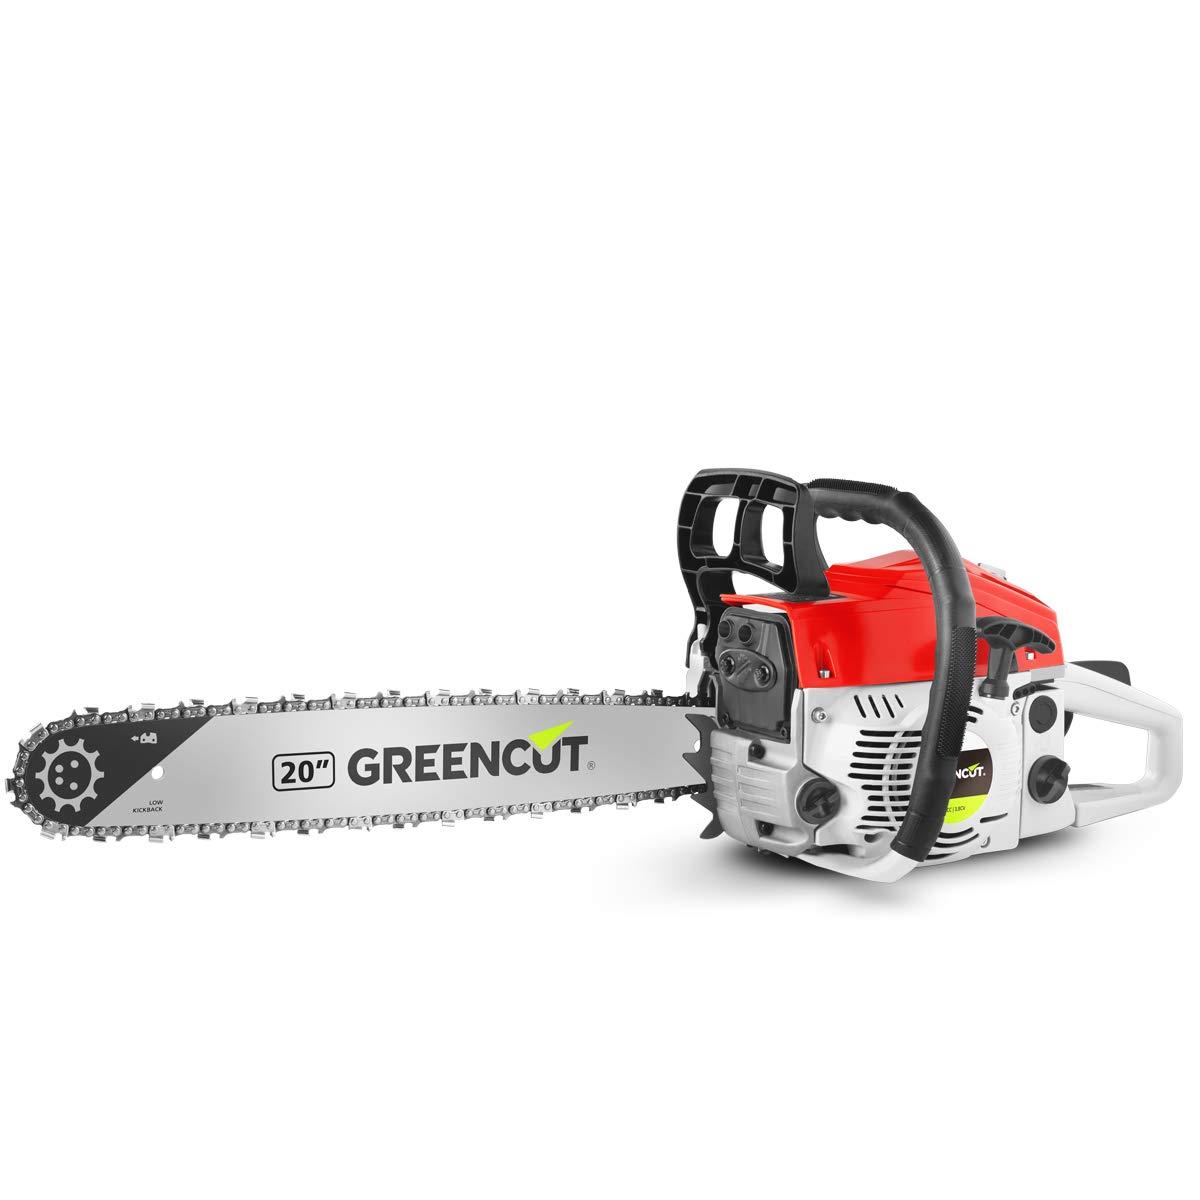 Greencut GS620X - Motosierra de gasolina, 62cc - 3,8cv, espada de 20: Amazon.es: Bricolaje y herramientas